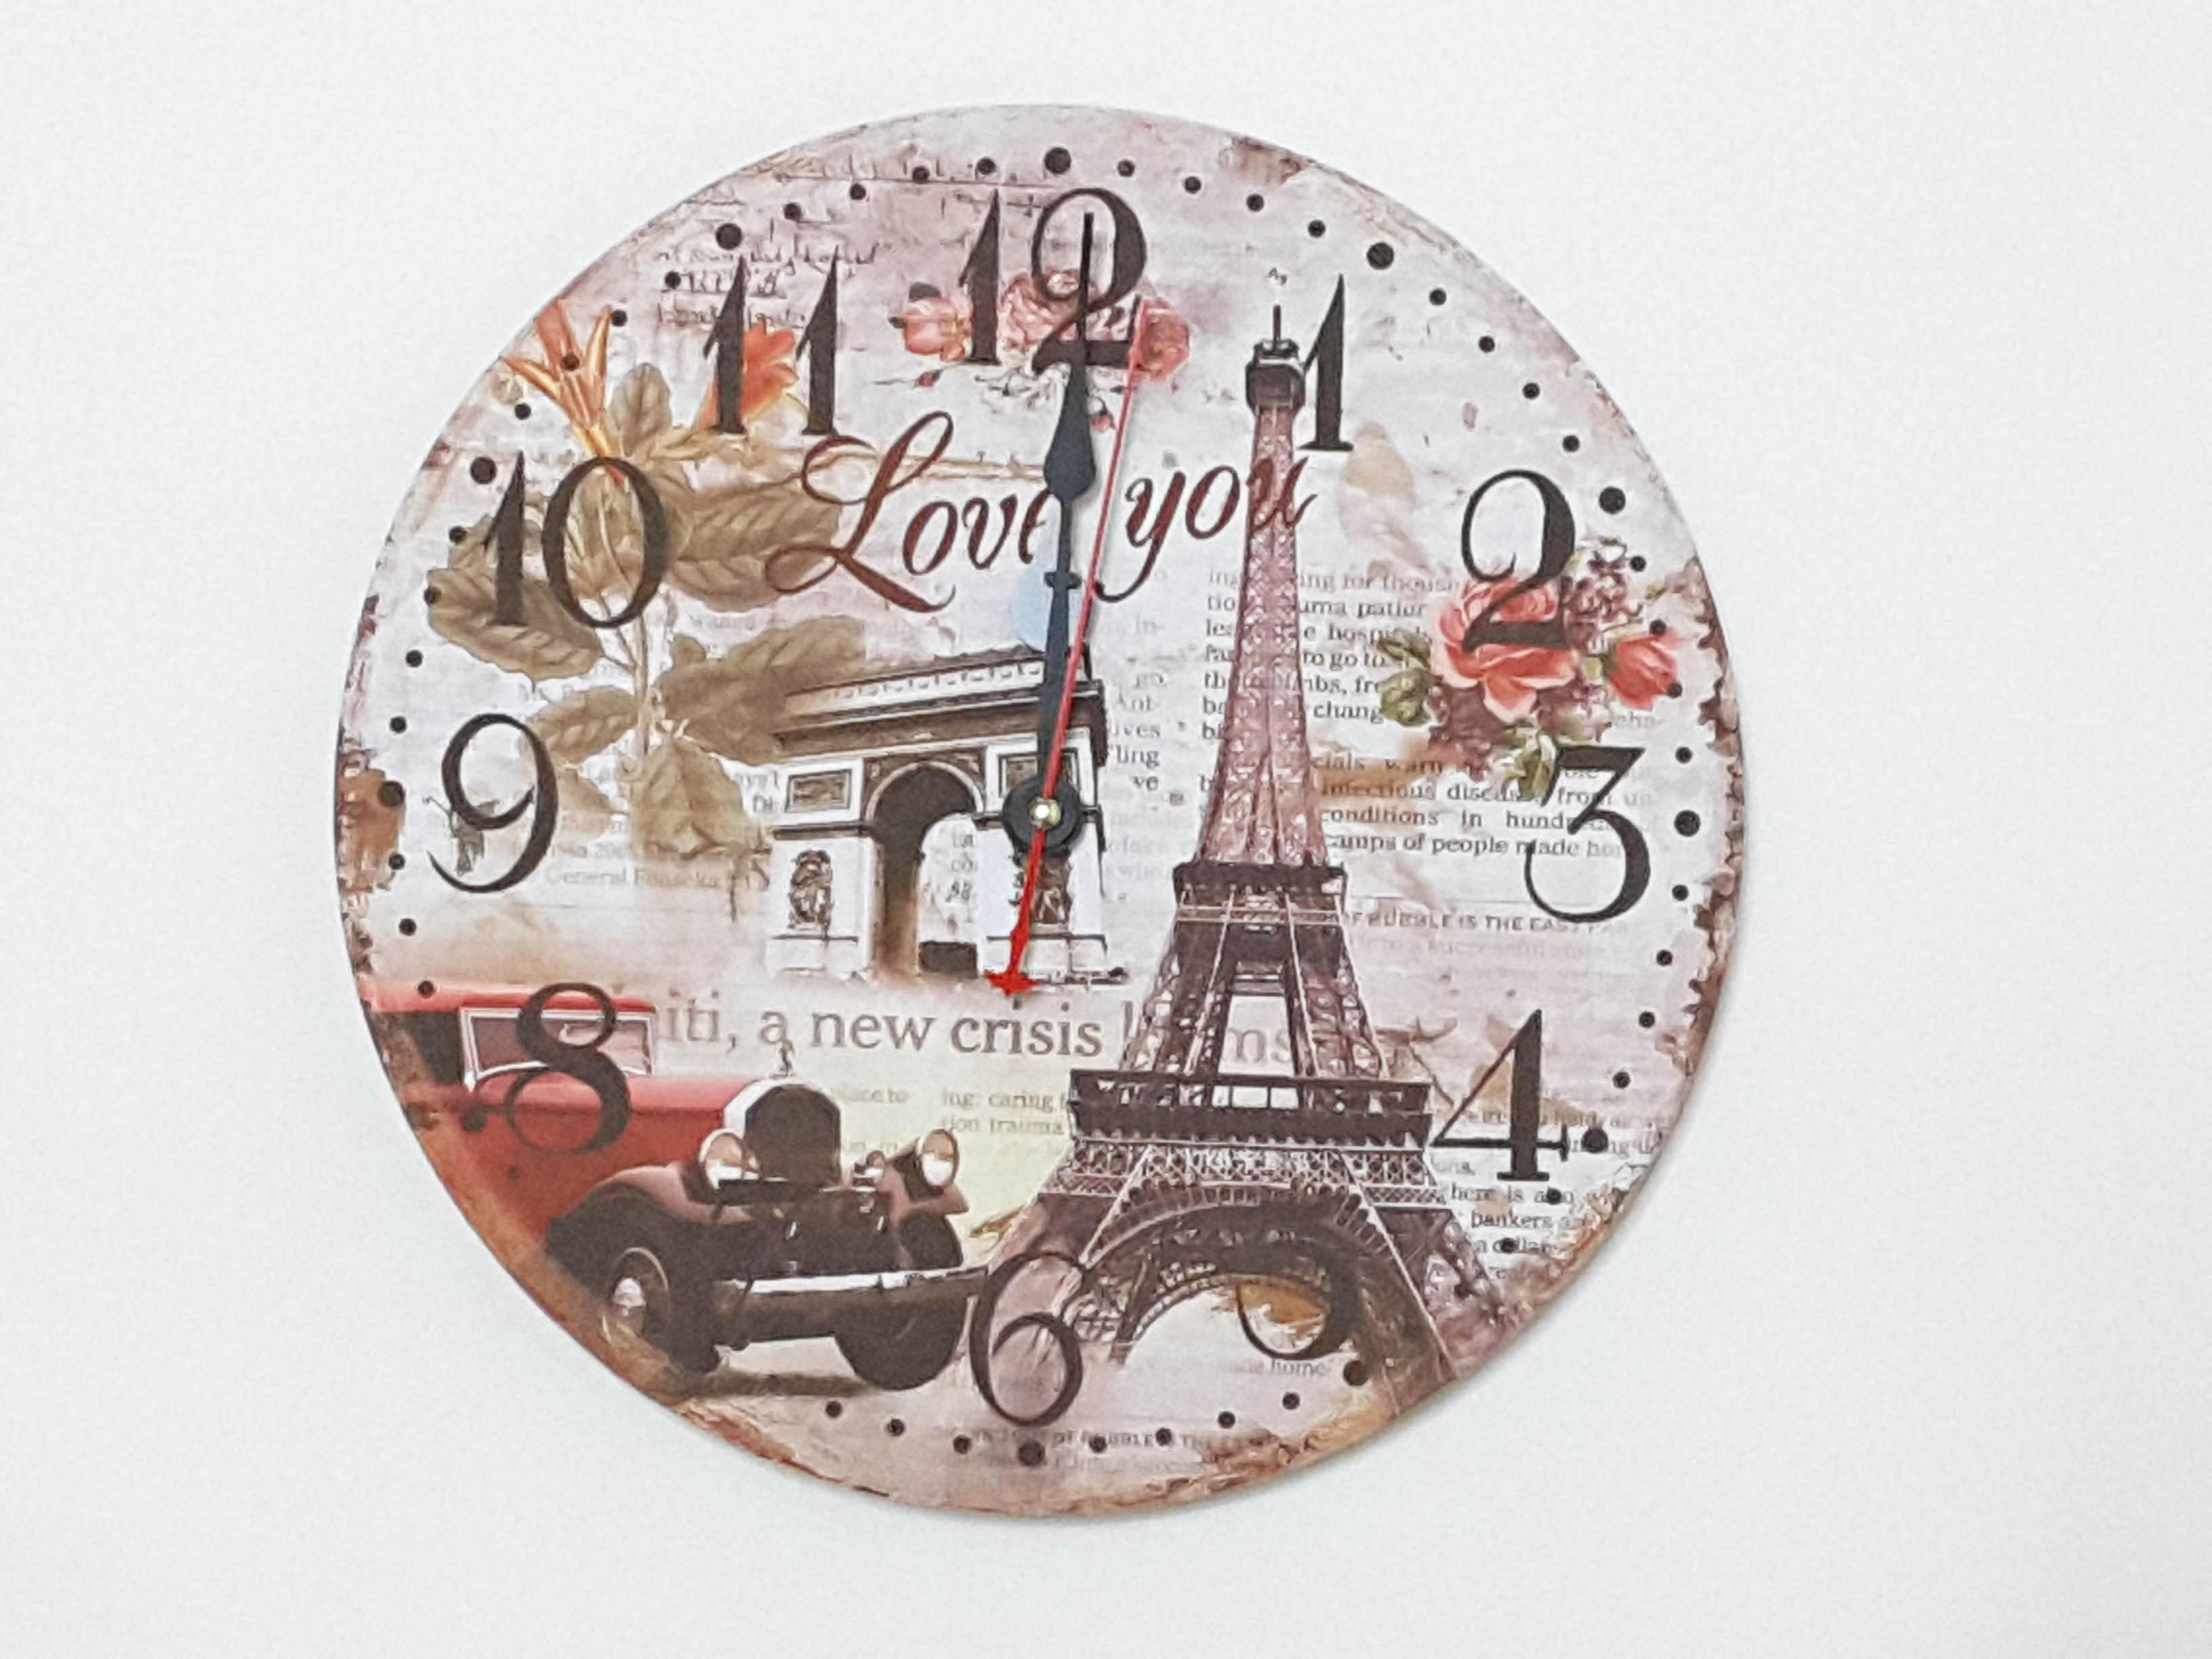 La maison生活小舖《木製法國風情掛鐘》時鐘/掛鐘 浪漫復古氣氛 妝點環境 有多種造型可供挑選